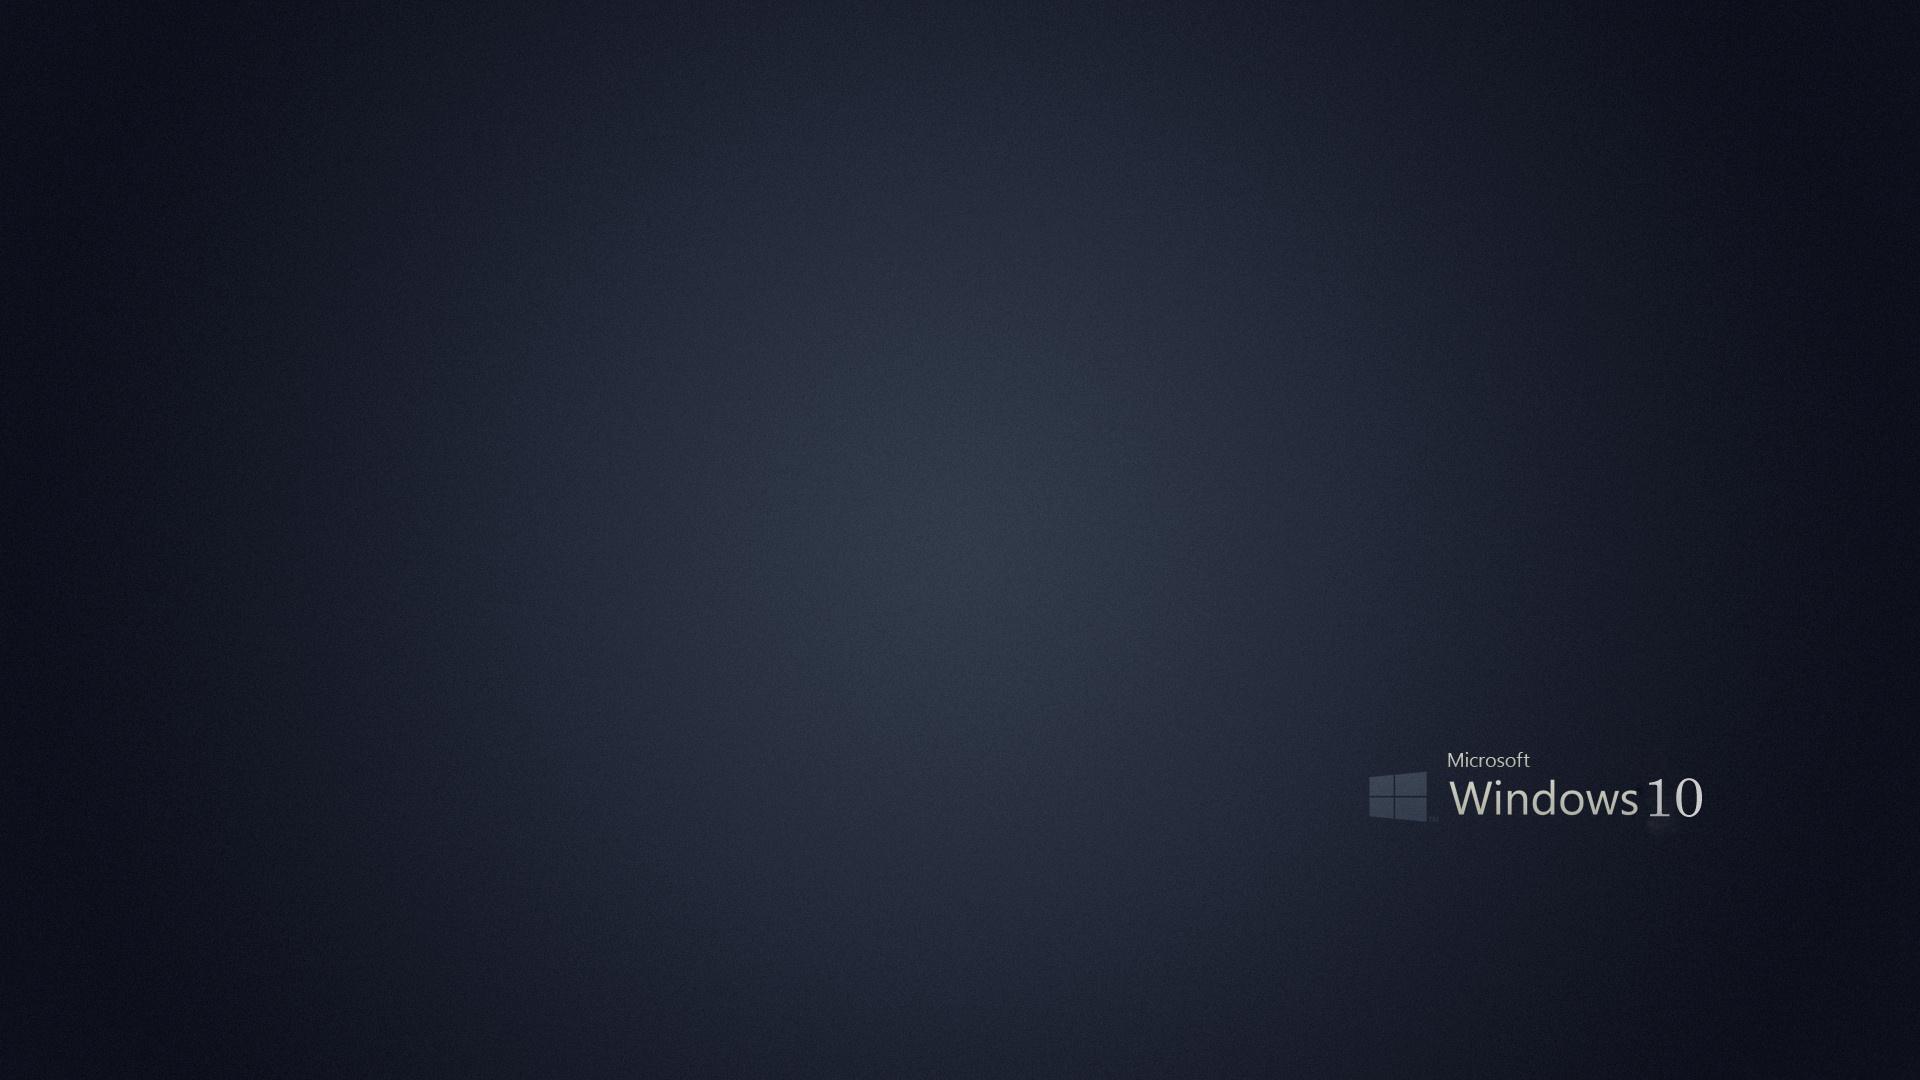 Microsoft Windows 10 Gray Background   1920x1080   387668 1920x1080